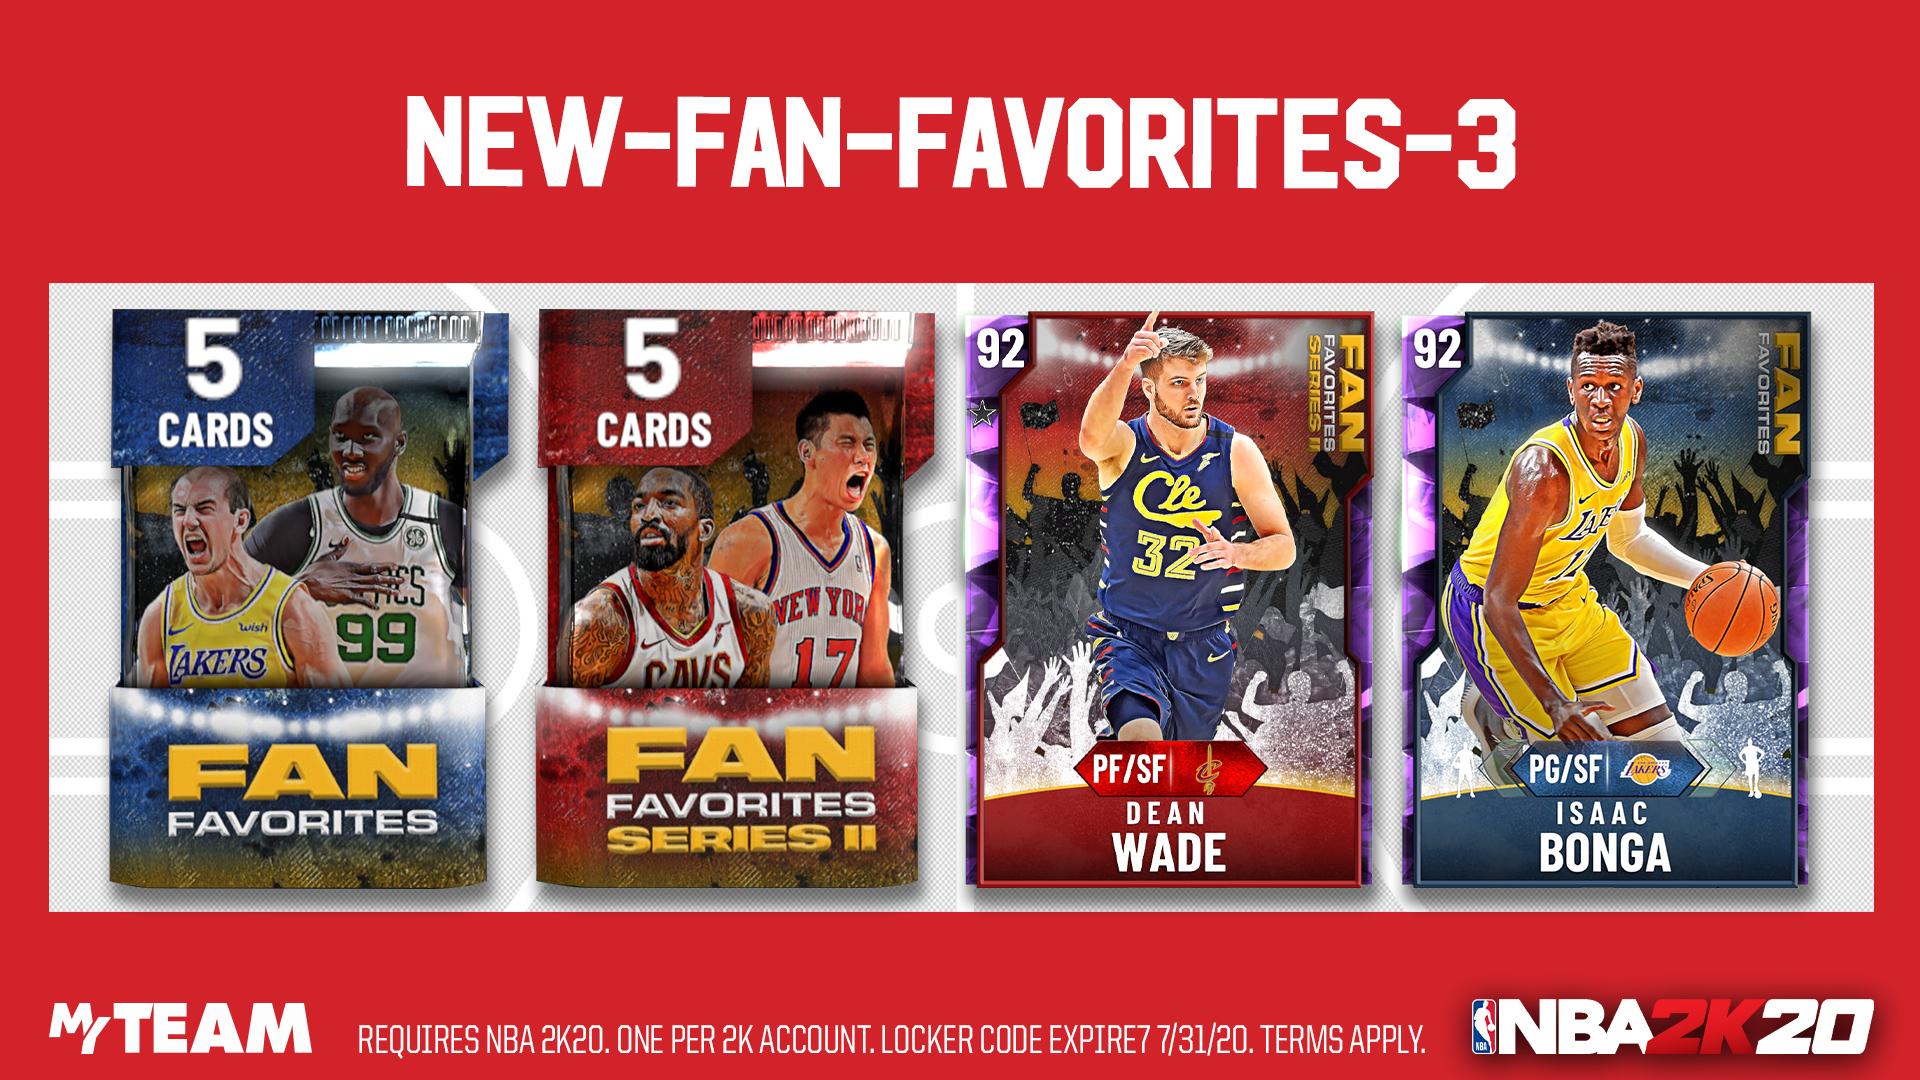 fan favorites series 3